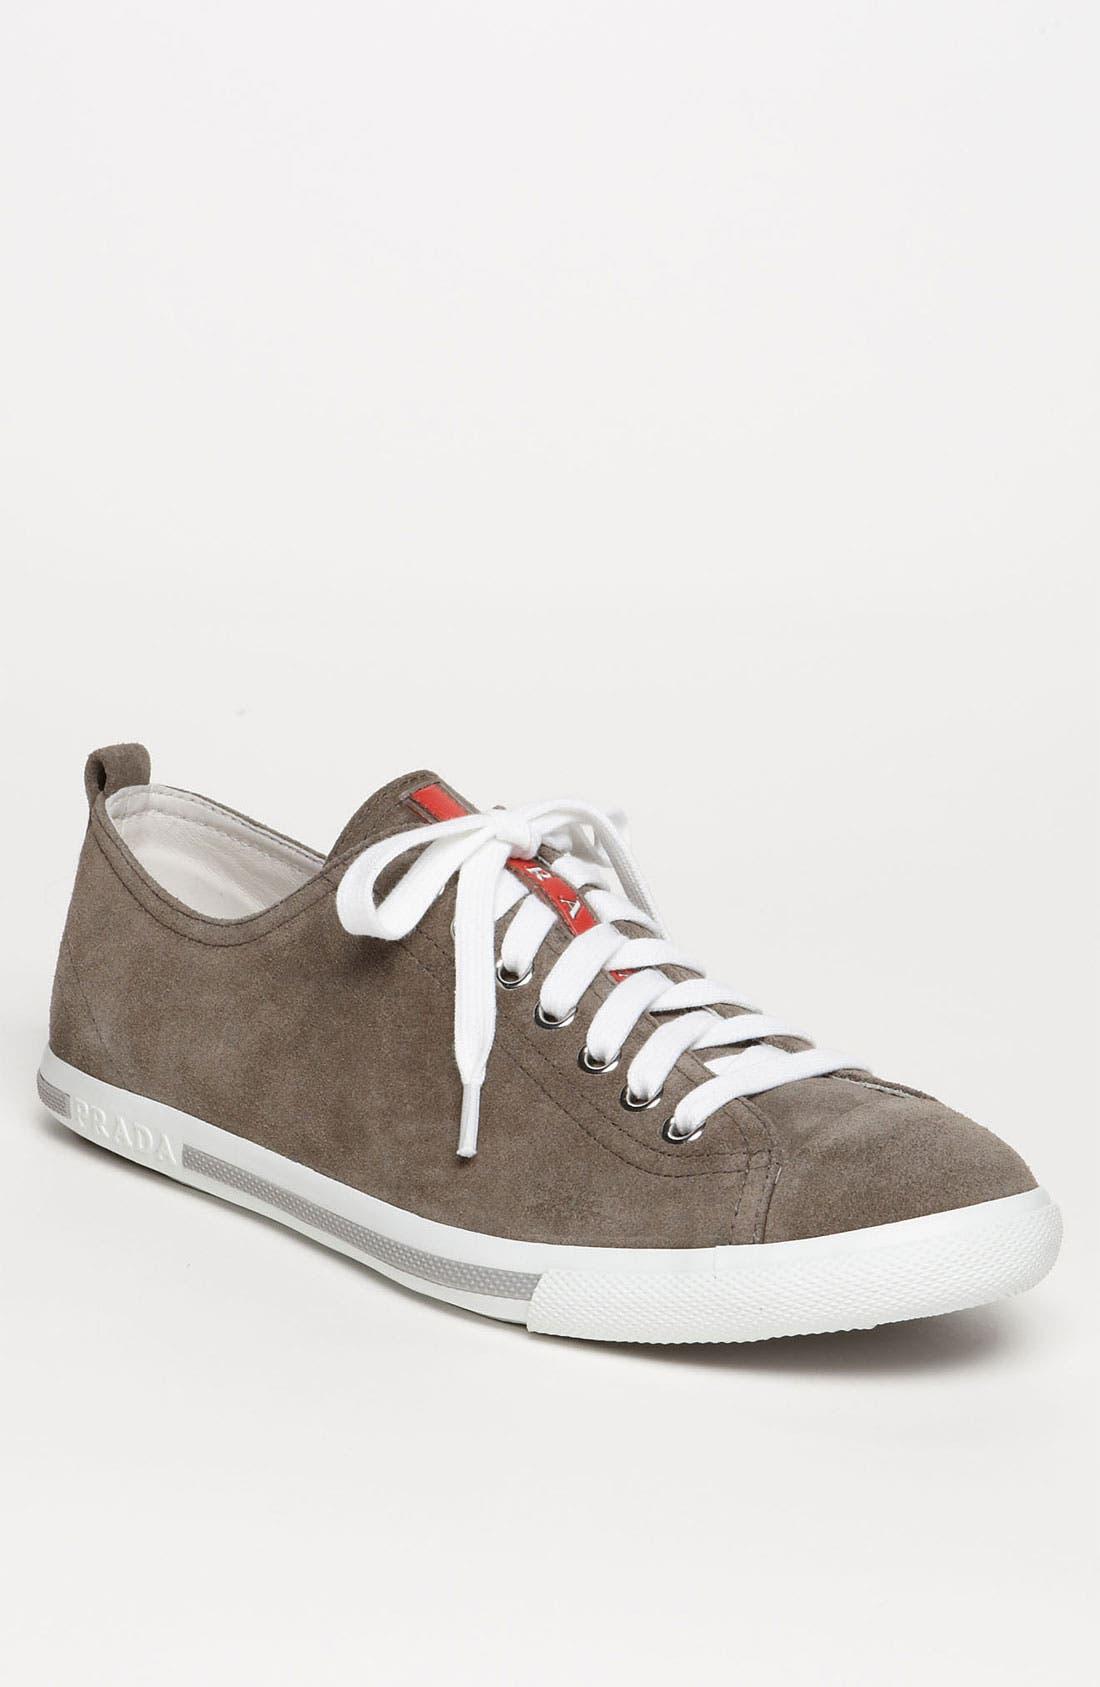 Main Image - Prada Low Profile Suede Sneaker